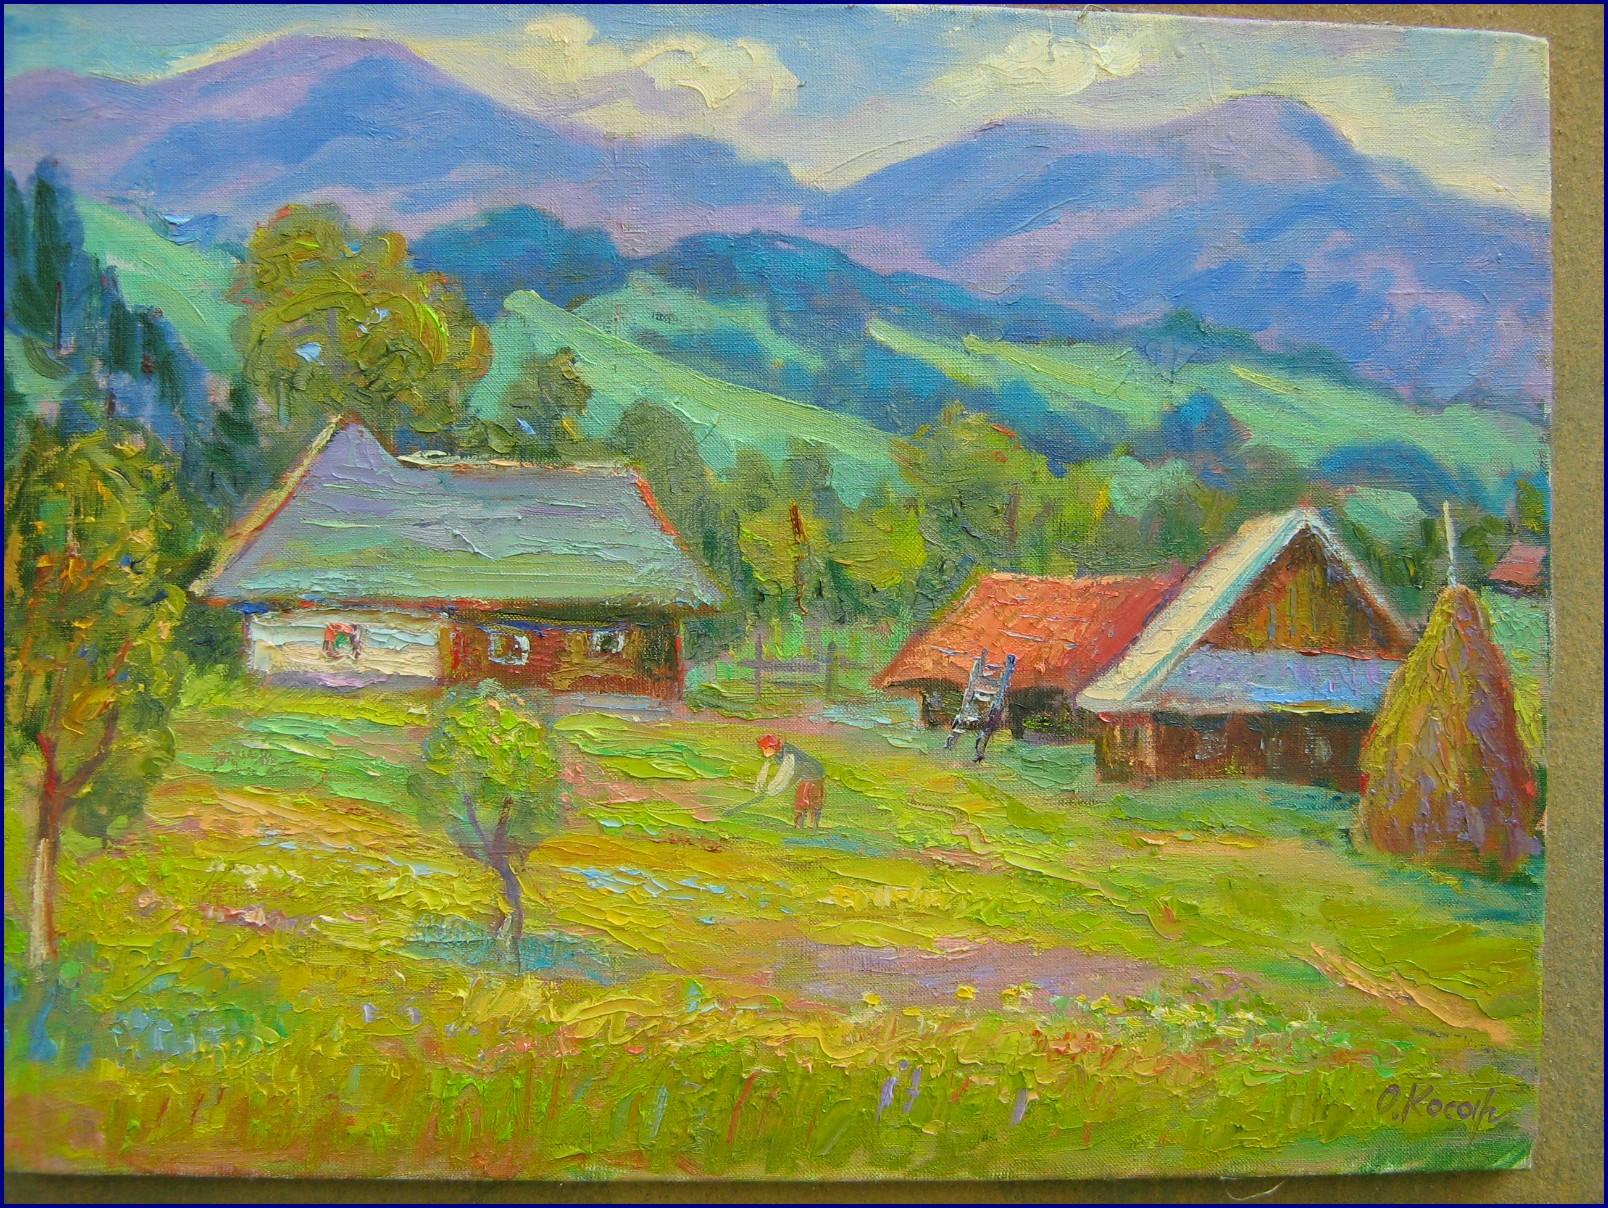 1310917245_img_0017-1600x1200_www.nevsepic.com.ua